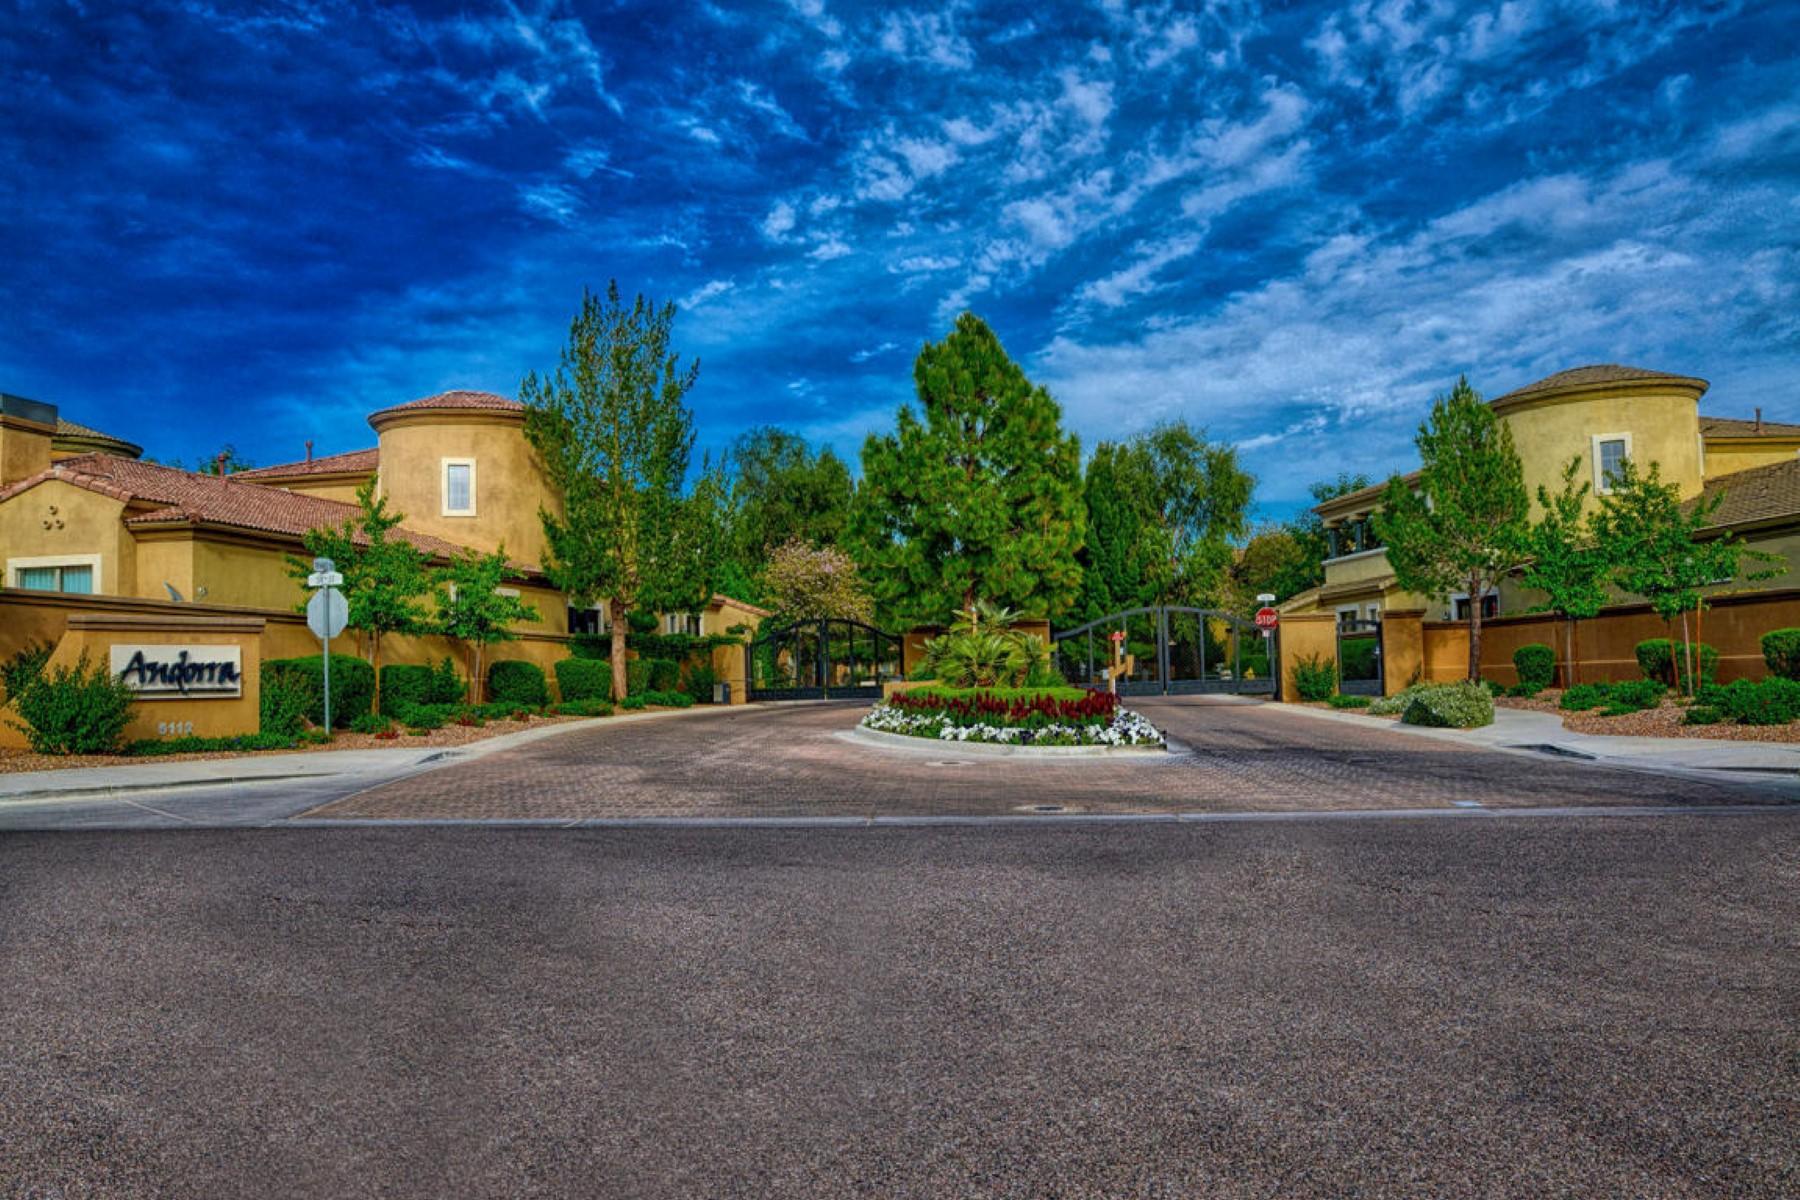 タウンハウス のために 売買 アット Stunning Home in Gated Community 5110 N 34th Way Phoenix, アリゾナ, 85018 アメリカ合衆国